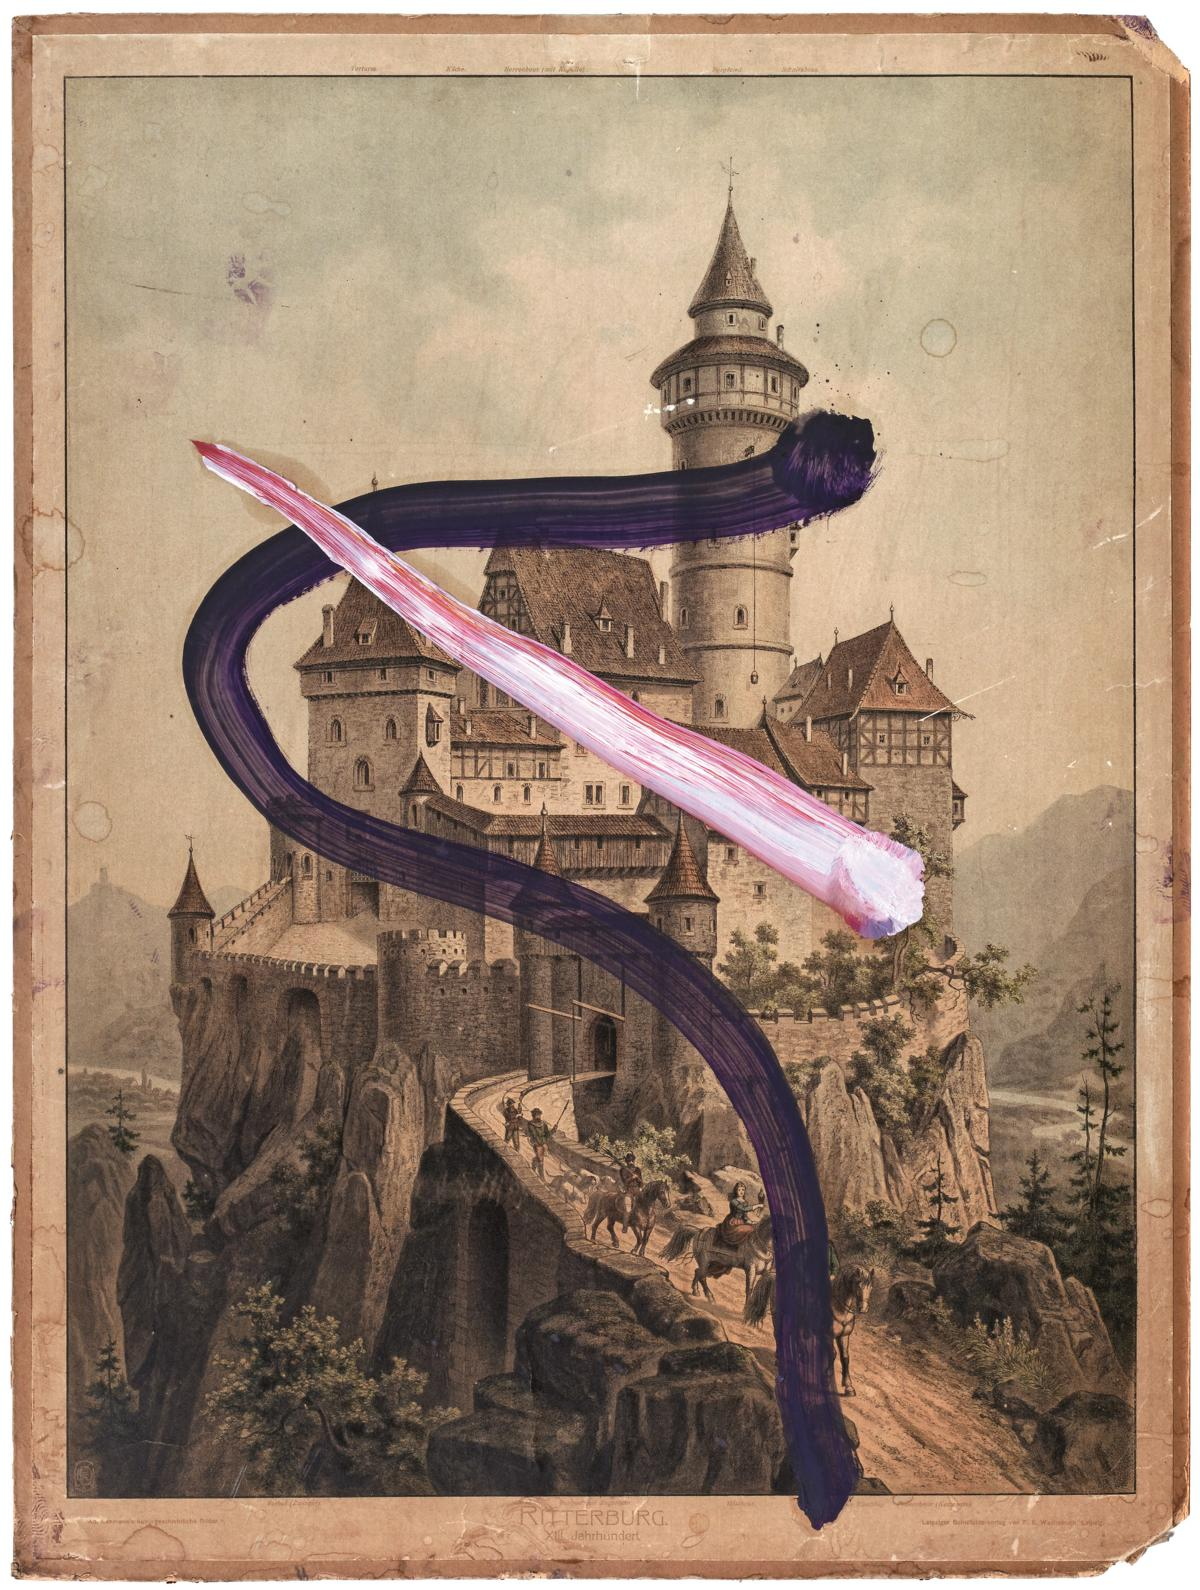 Untitled (Ritterburg), 2016, Pigmentdruck auf Faserpapier, kaschiert auf Karton, 80 x 107 cm, Auflage: 60 + AP, signiert, arabisch nummeriert